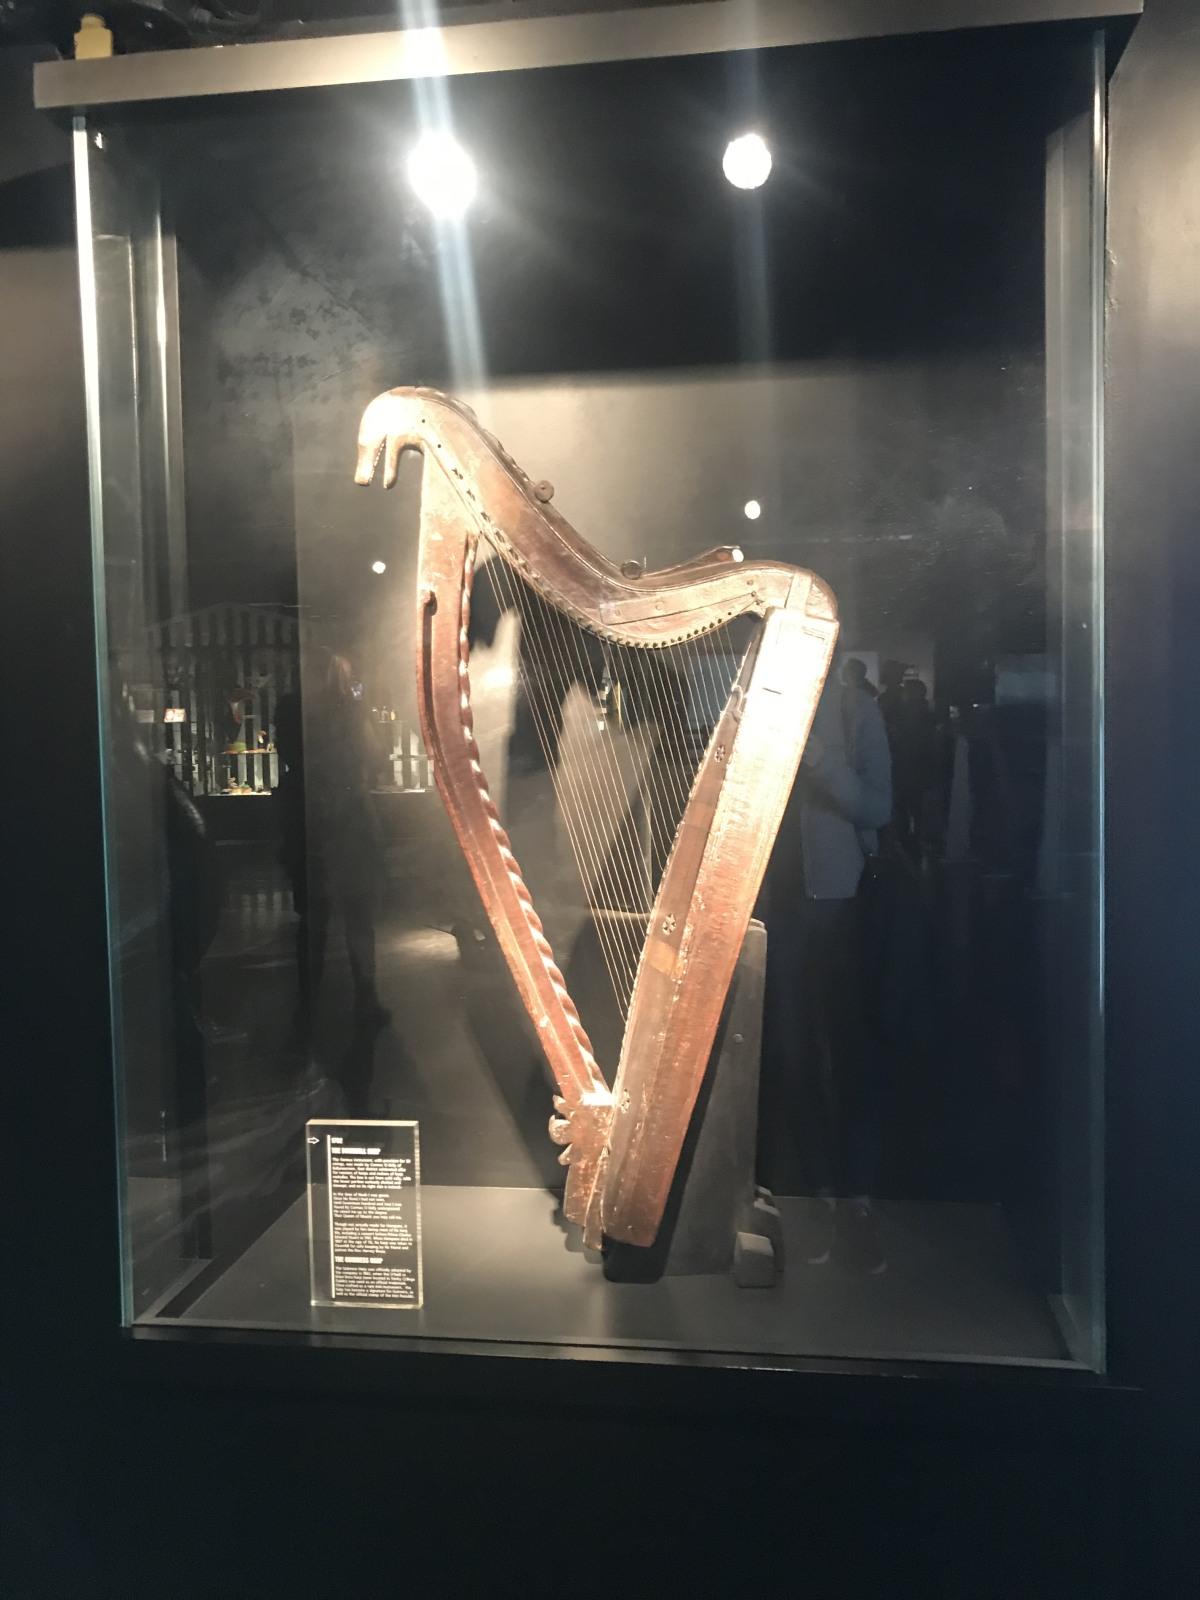 The Guinness harp